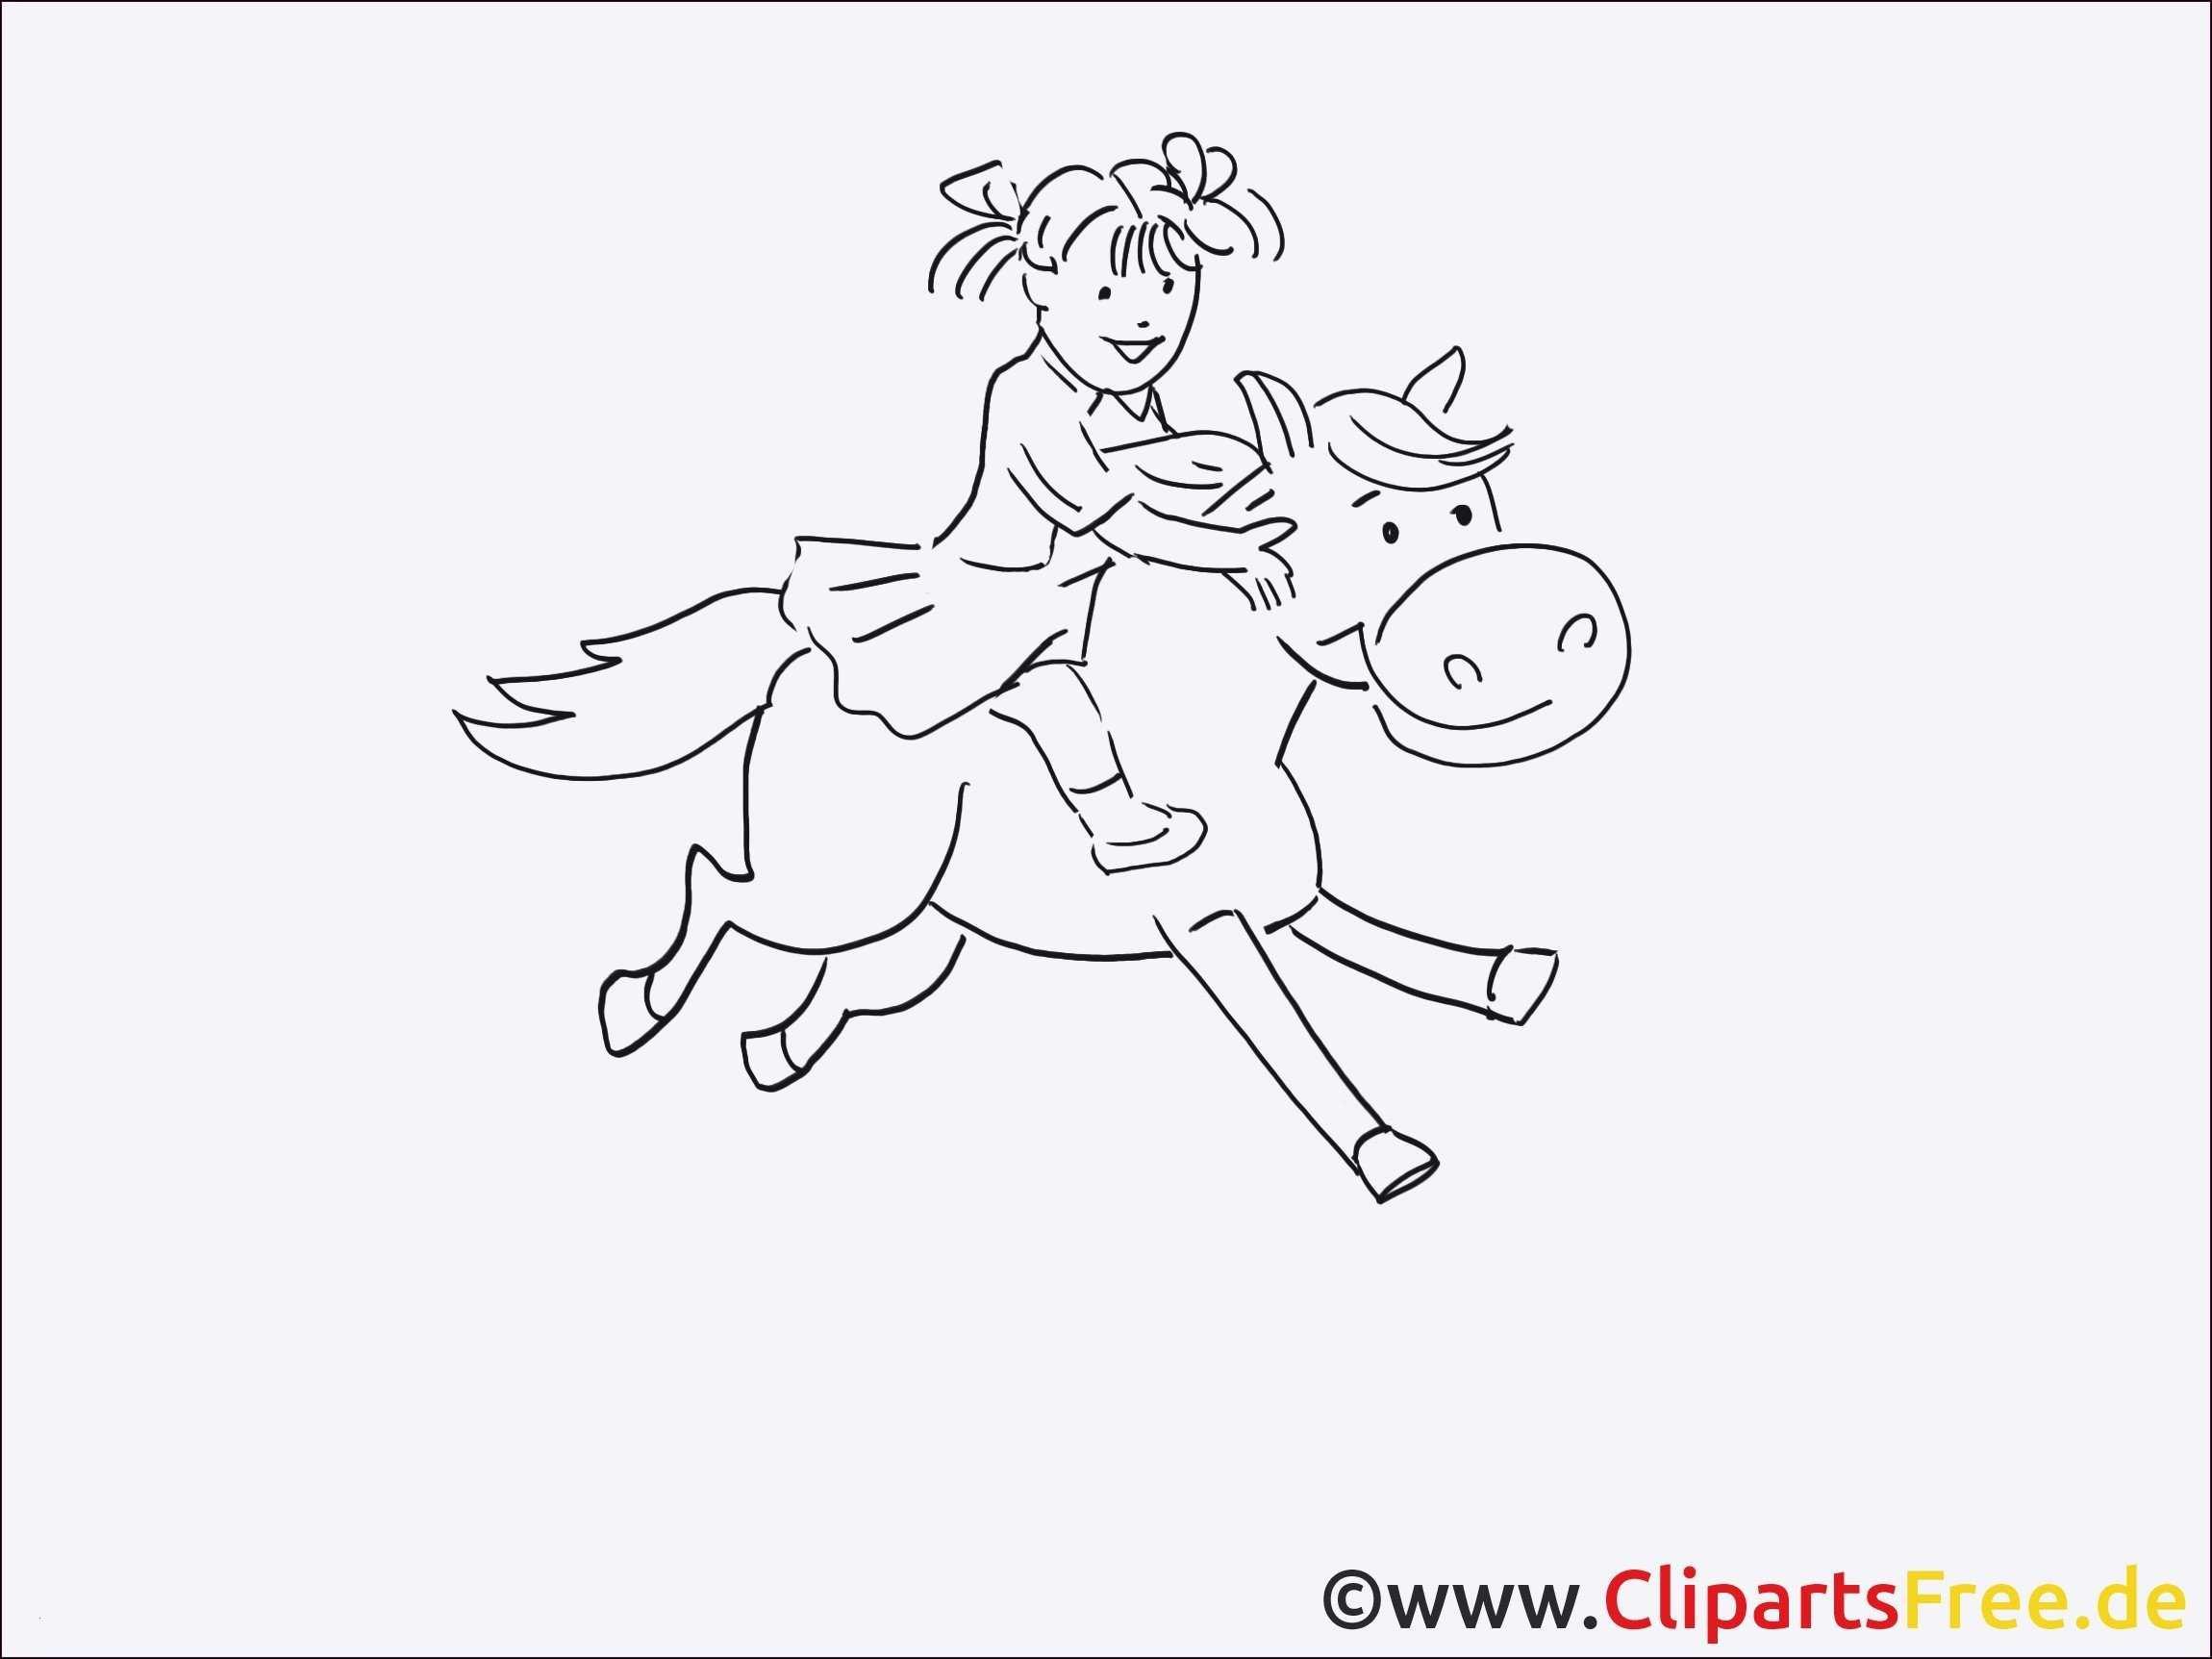 My Little Pony Bilder Zum Ausmalen Inspirierend Mein Kleines Pony Ausmalbilder Idee Ausmalbilder Pferde Mit Madchen Bild